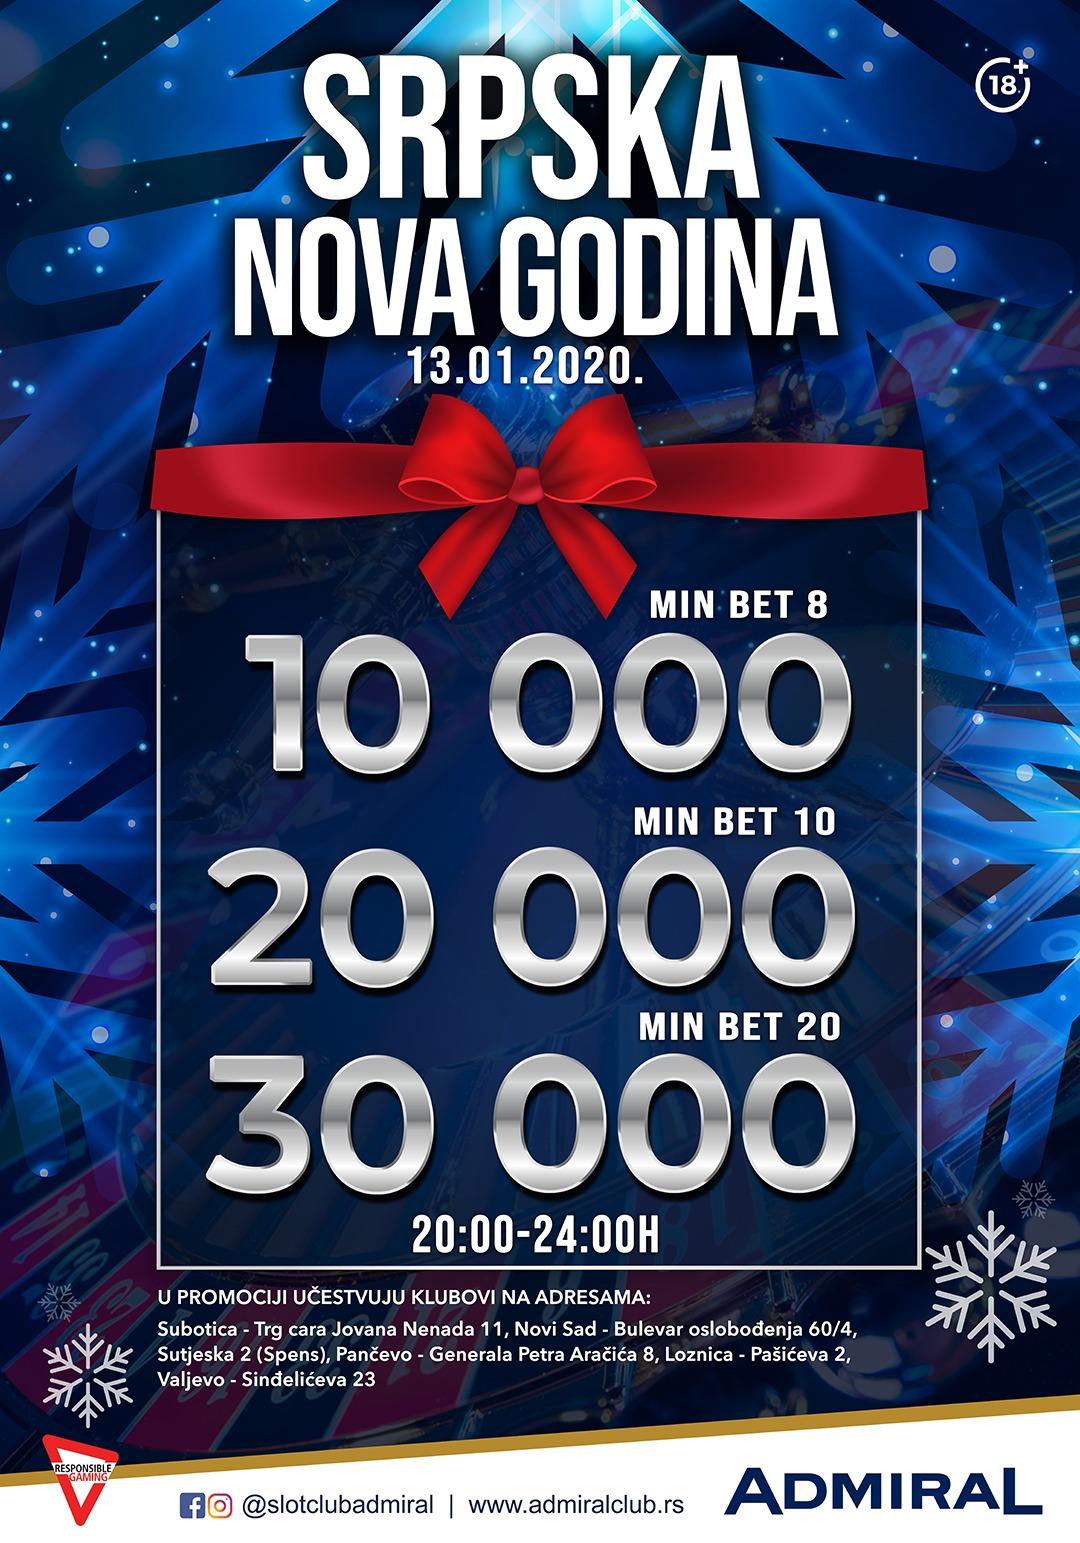 Srpska nova godina 3 – subotica